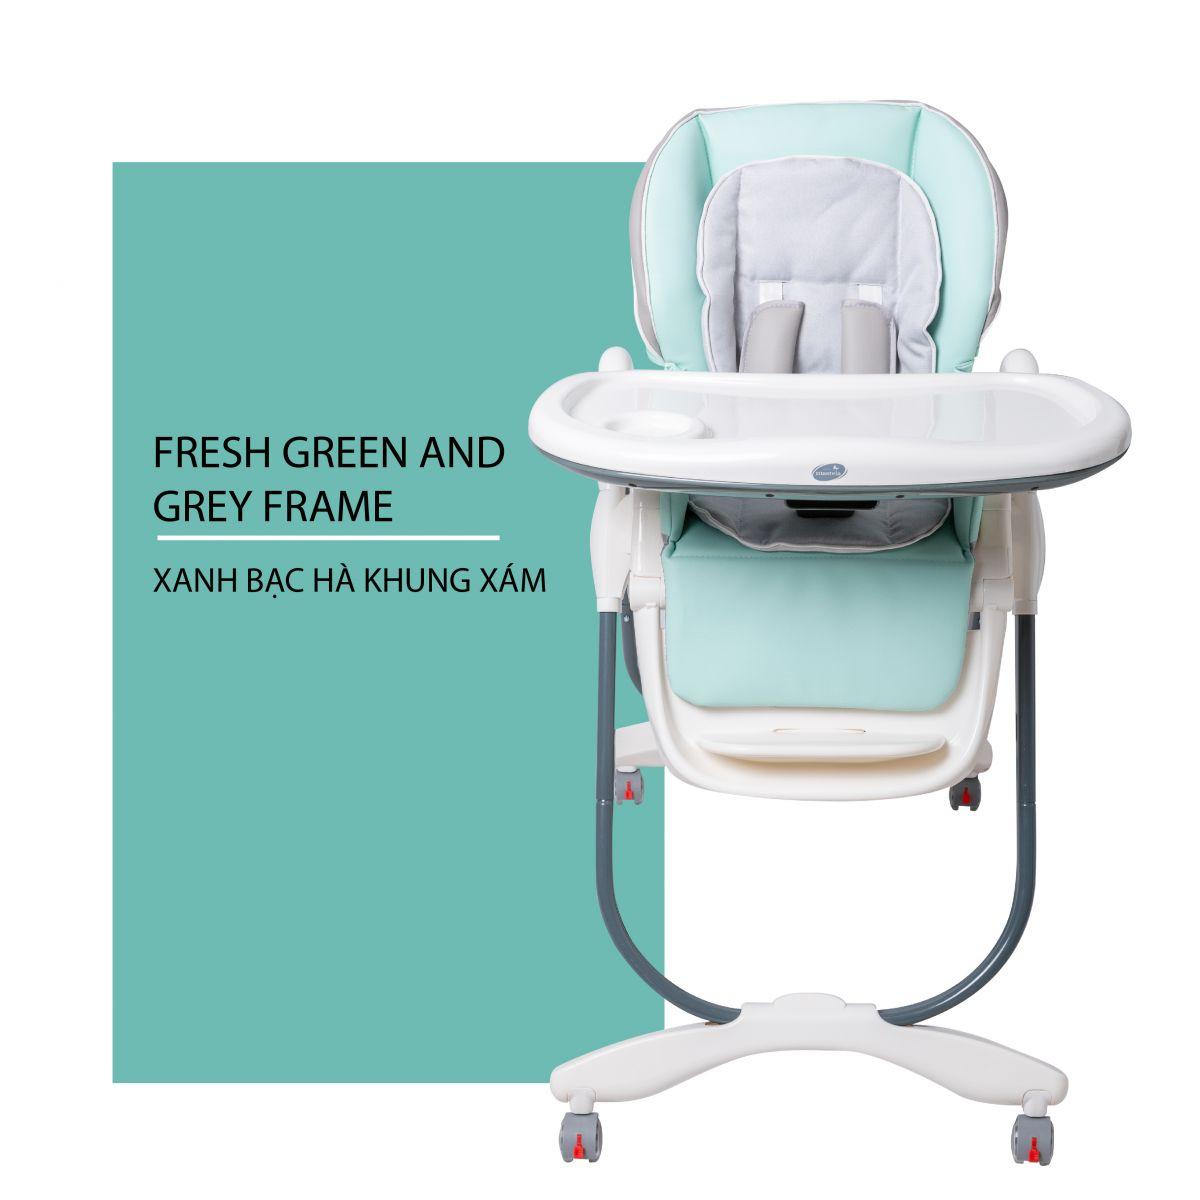 Ghế ngồi ăn cho bé Mastela MS 0619 xanh bạc hà